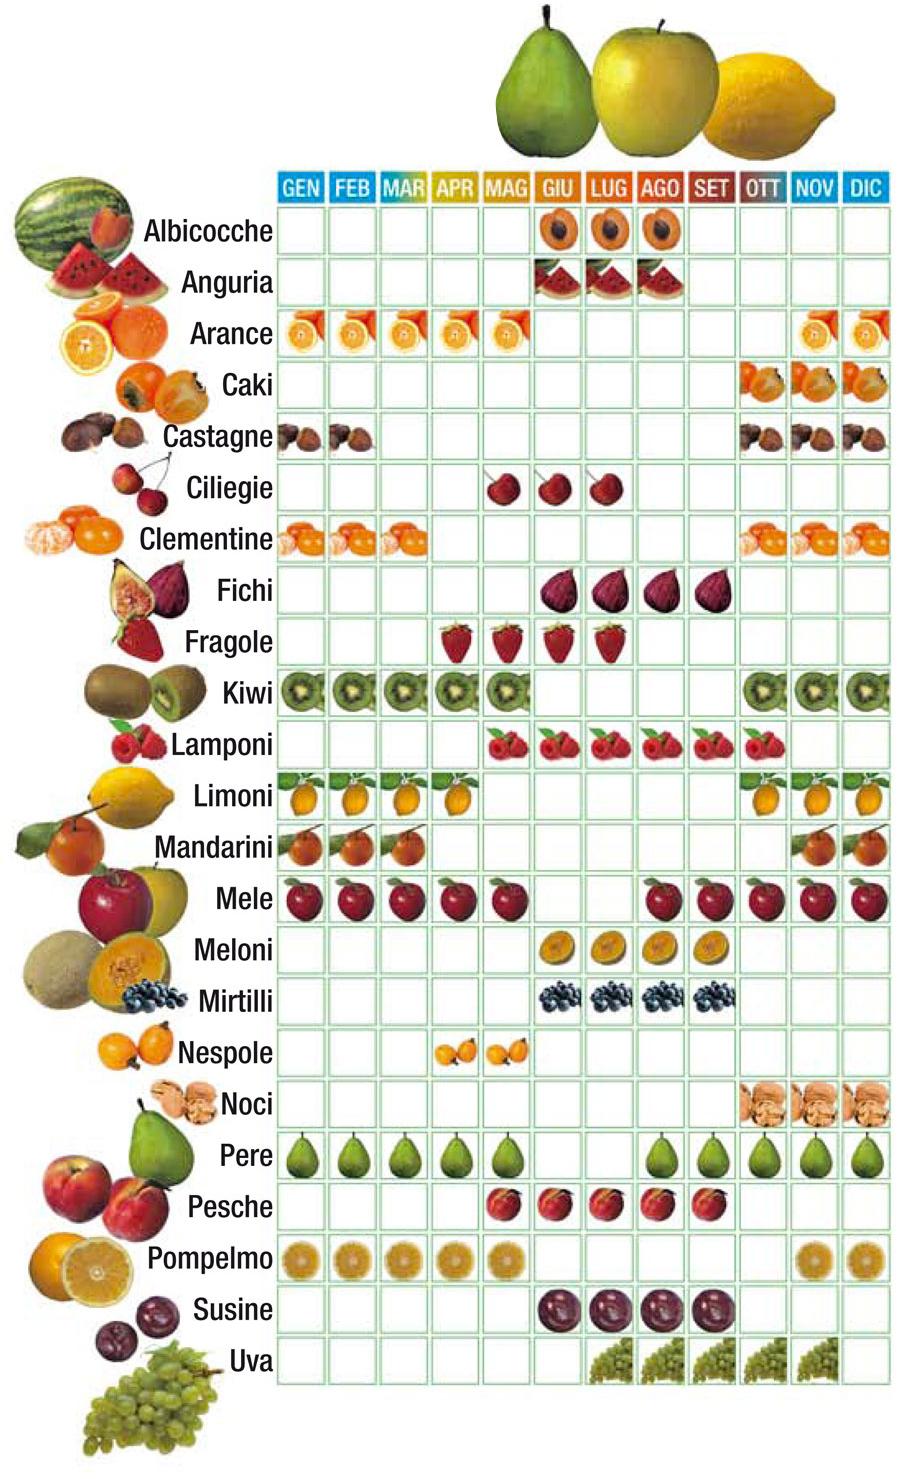 Calendario frutta